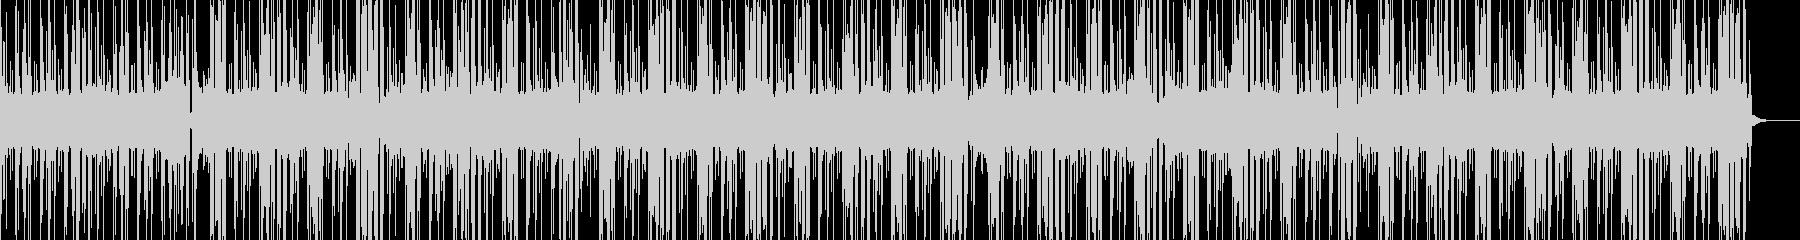 このサイトで一番かっこいいヒップホップの未再生の波形